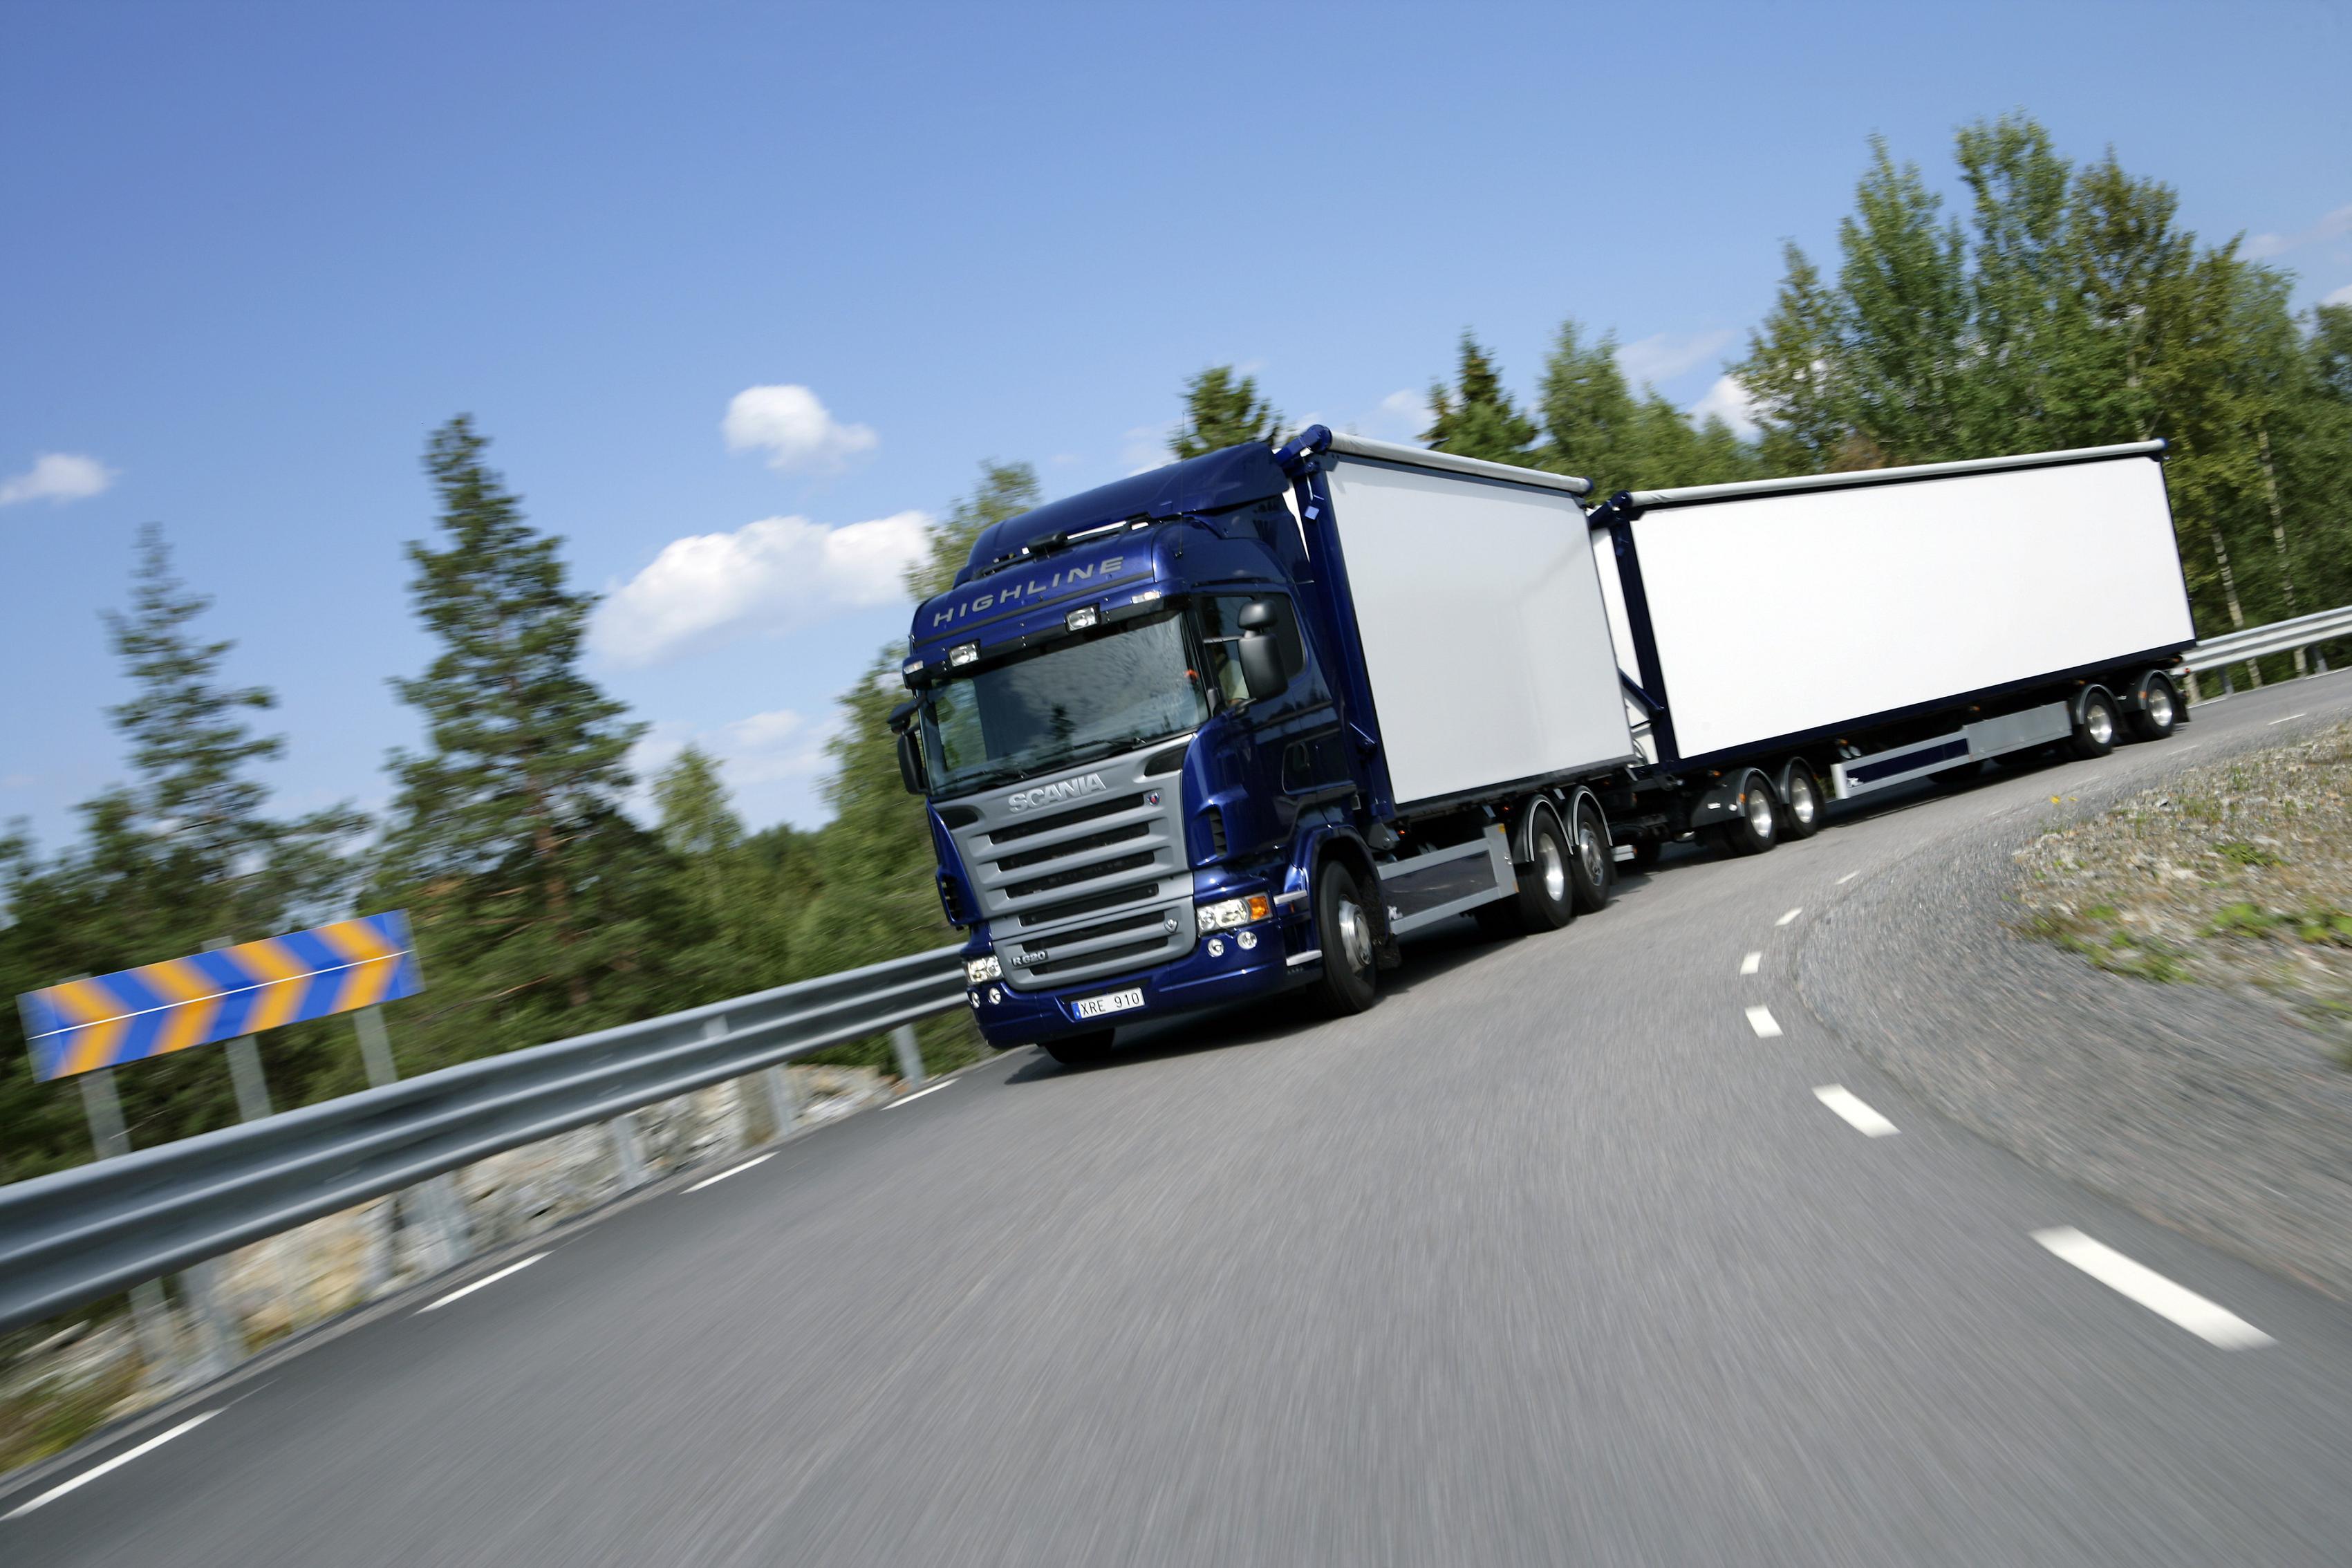 Las ventas de camiones registran un mínimo histórico